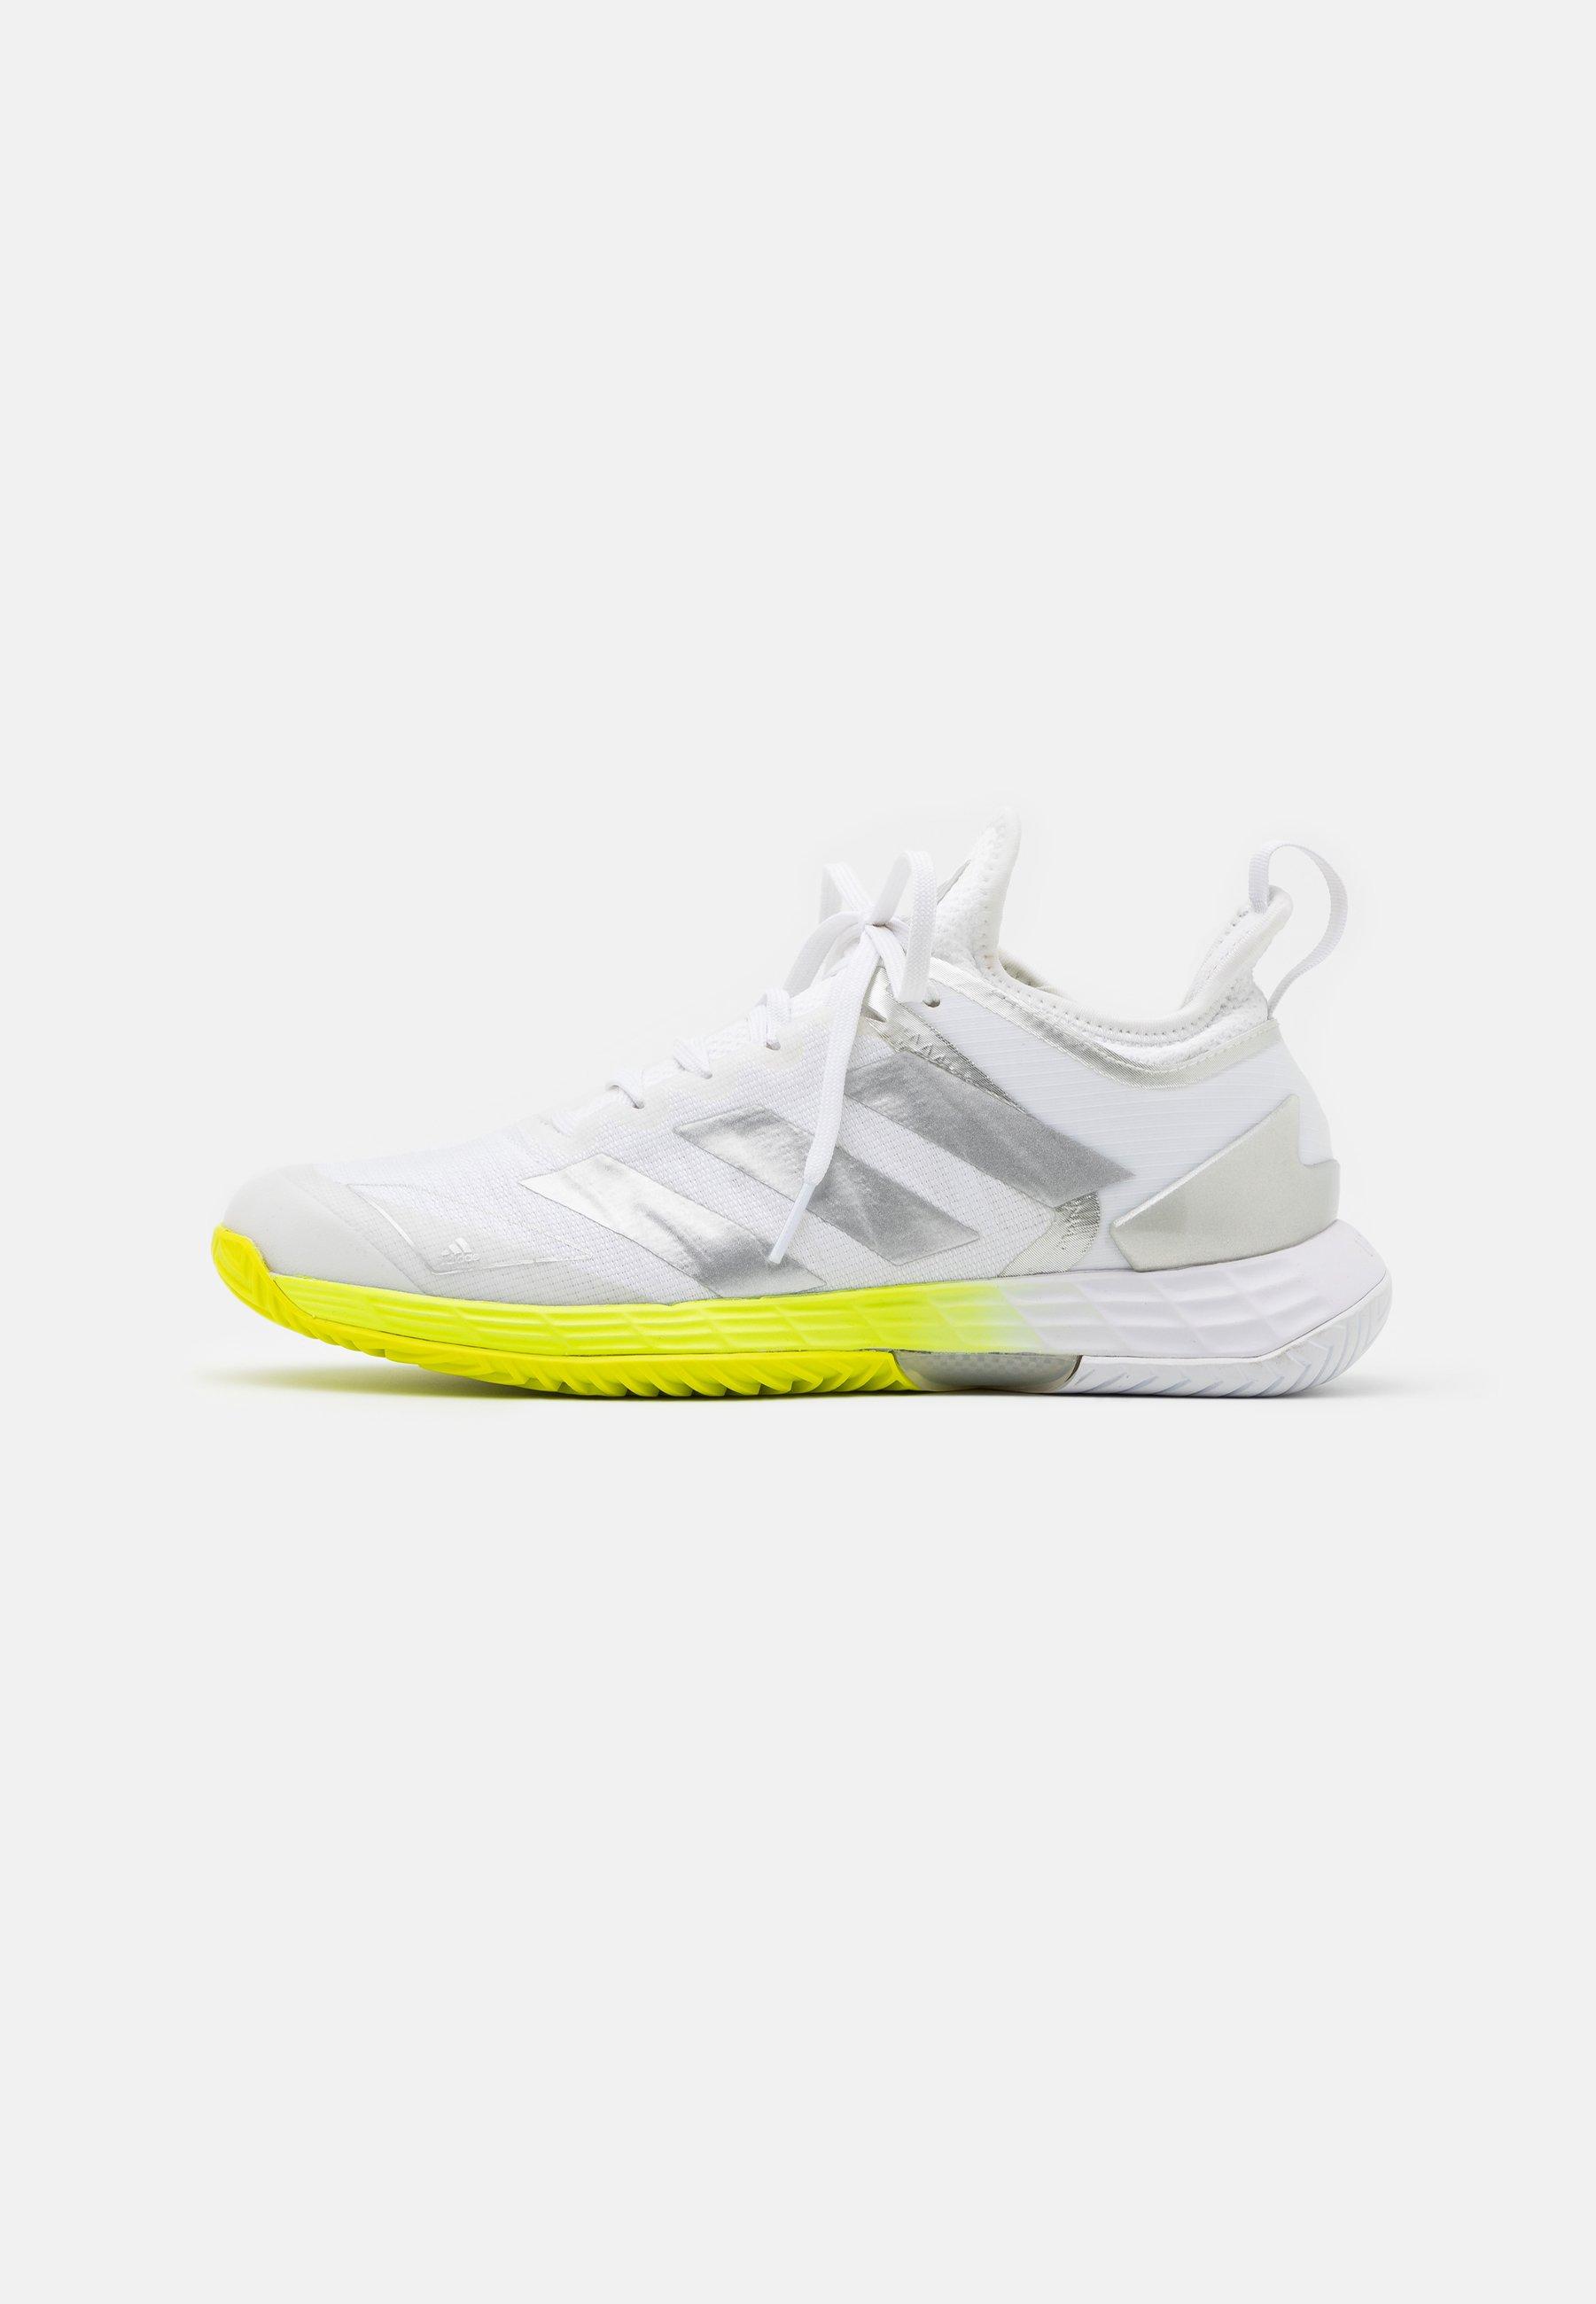 Femme ADIZERO UBERSONIC 4 - Chaussures de tennis toutes surfaces